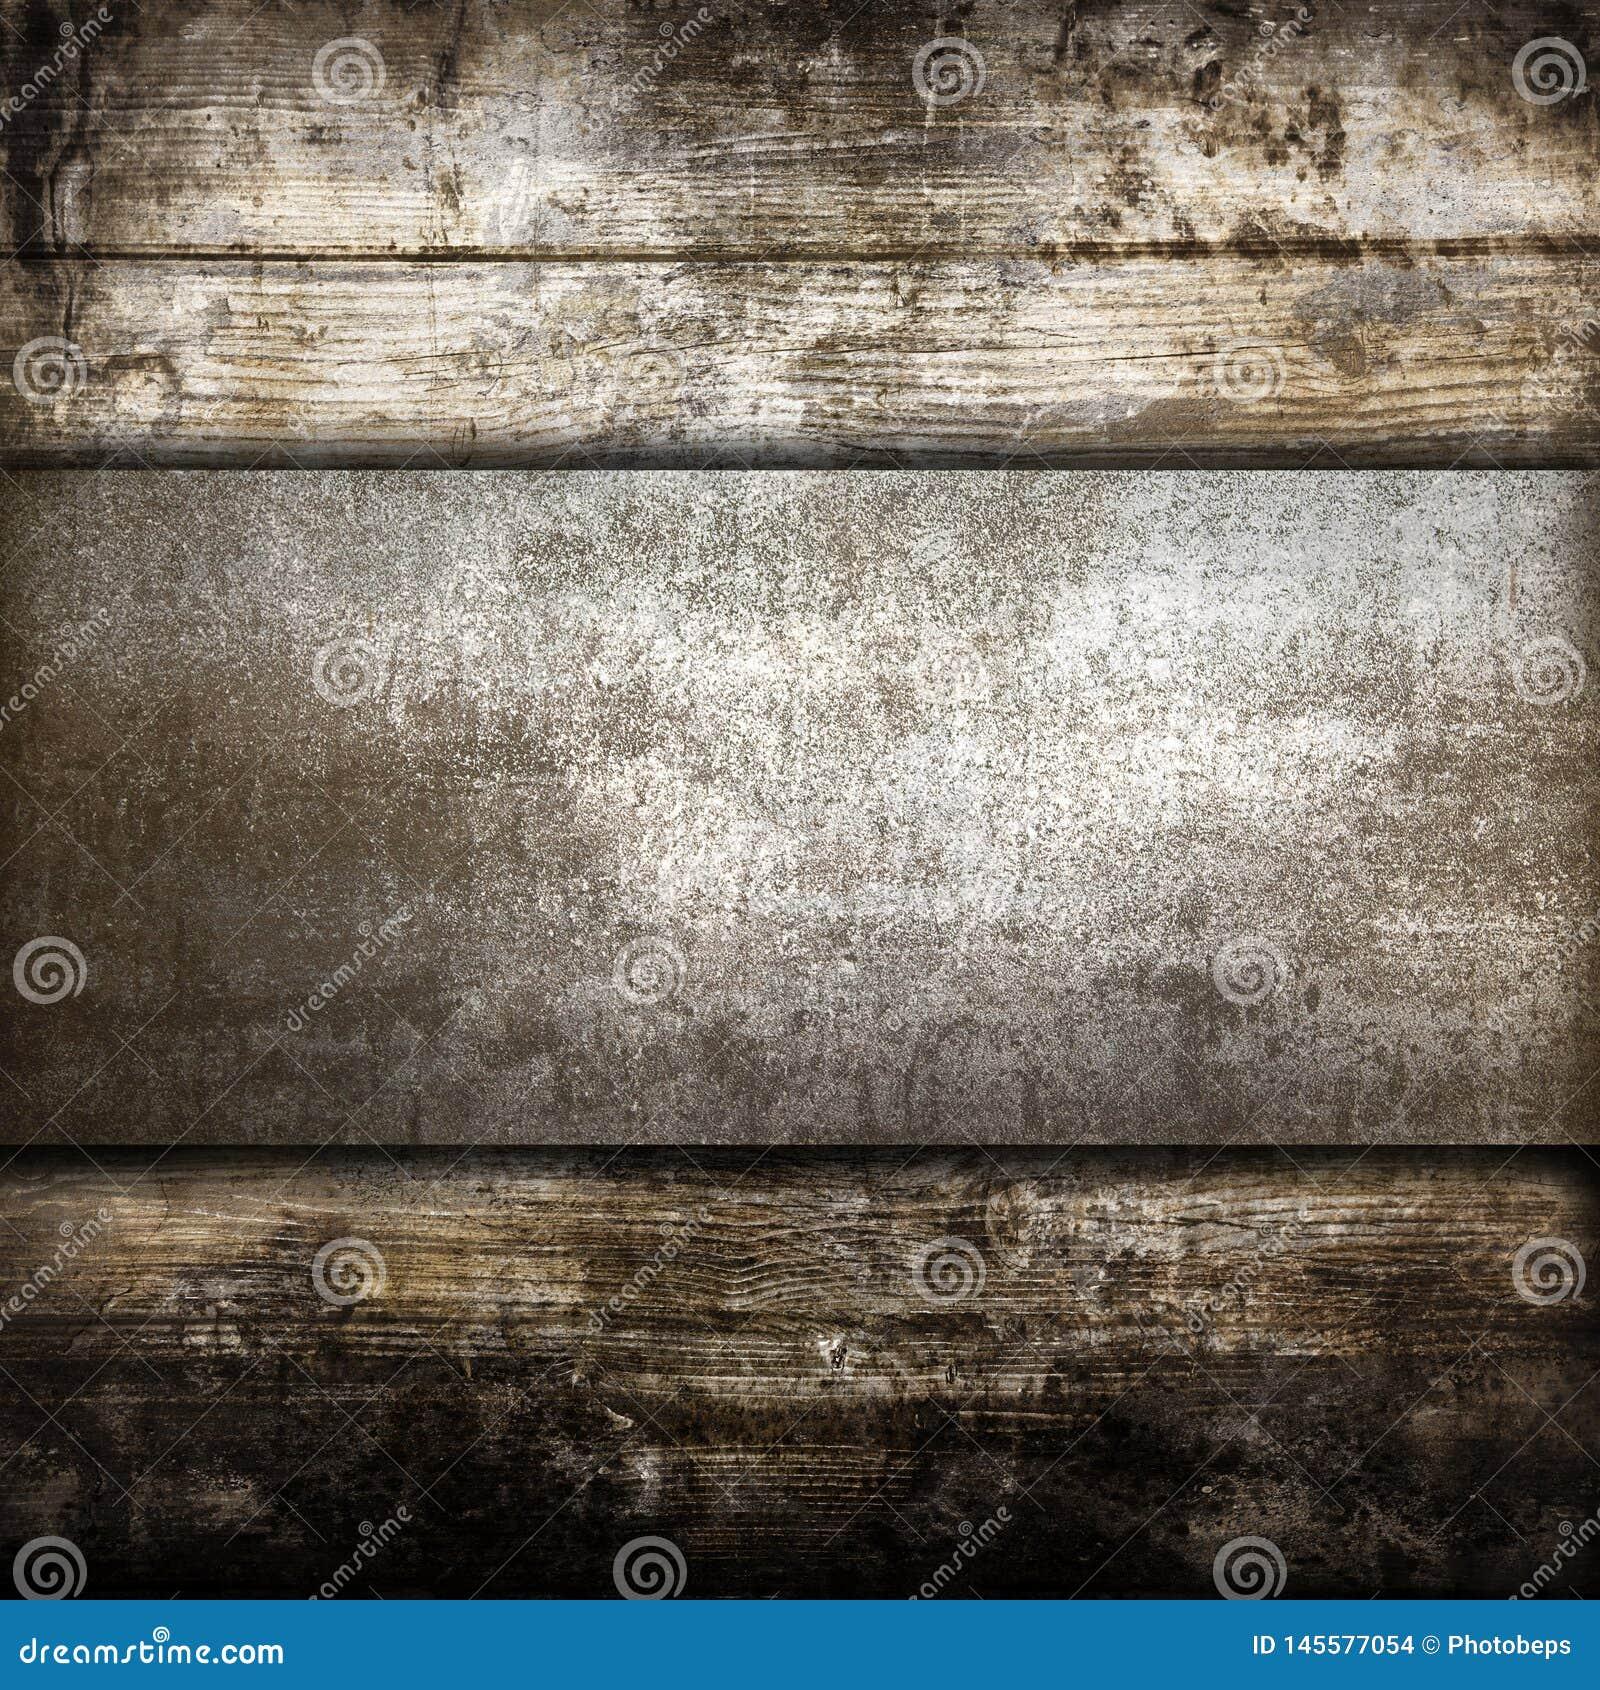 Industrielle Metallplatte auf einem h?lzernen Hintergrund